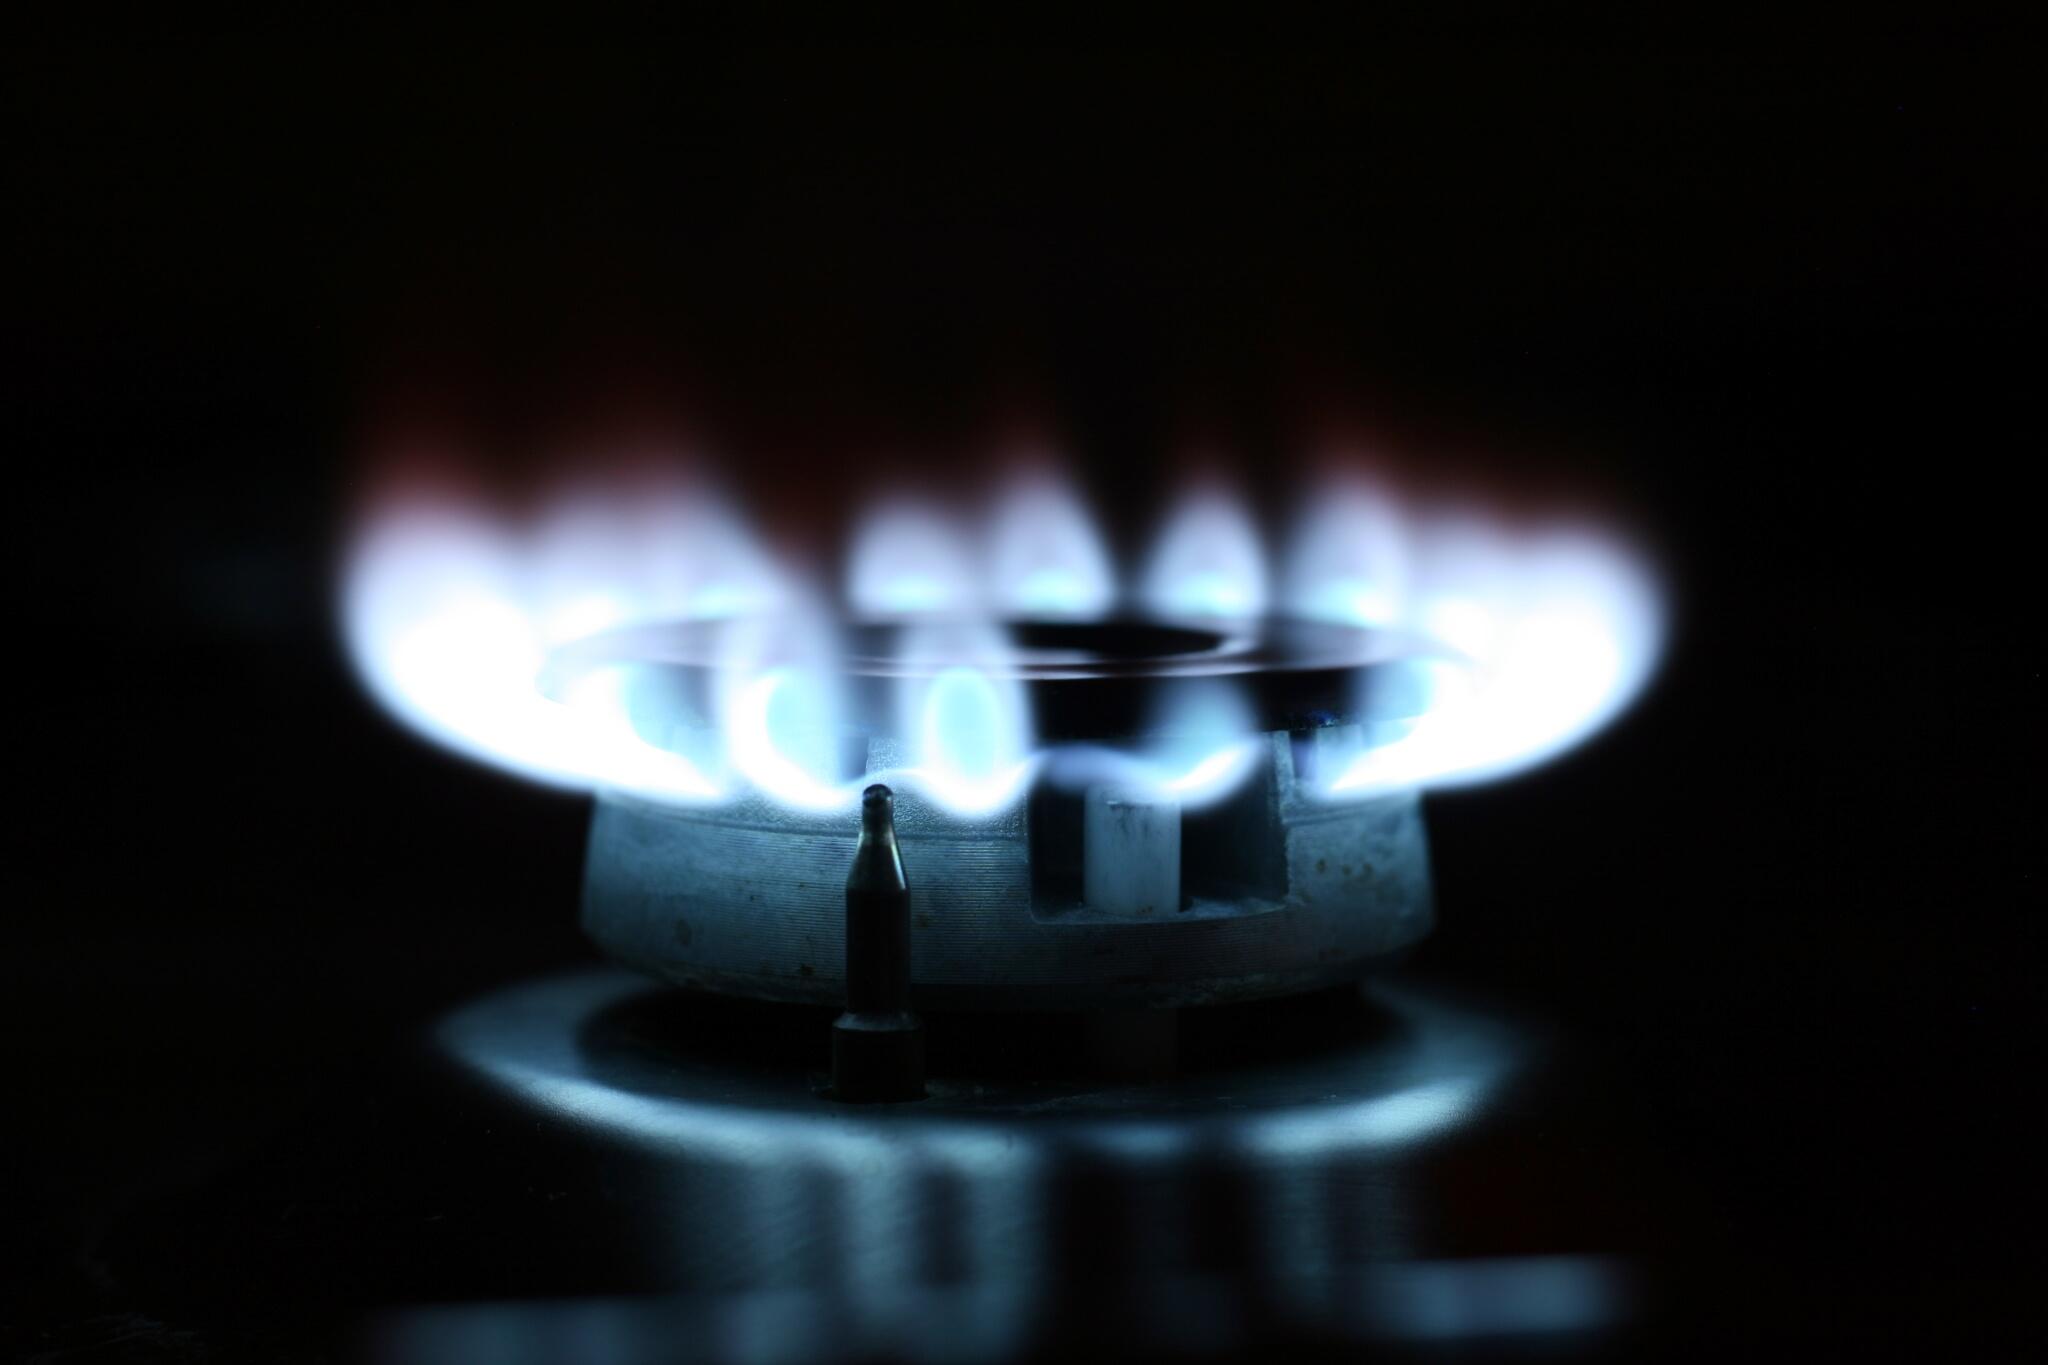 Gas Oder Holzkohlegrill Reinigen : Gasgrill oder kohlegrill wo grillt es sich besser? ⋆ burger ratgeber